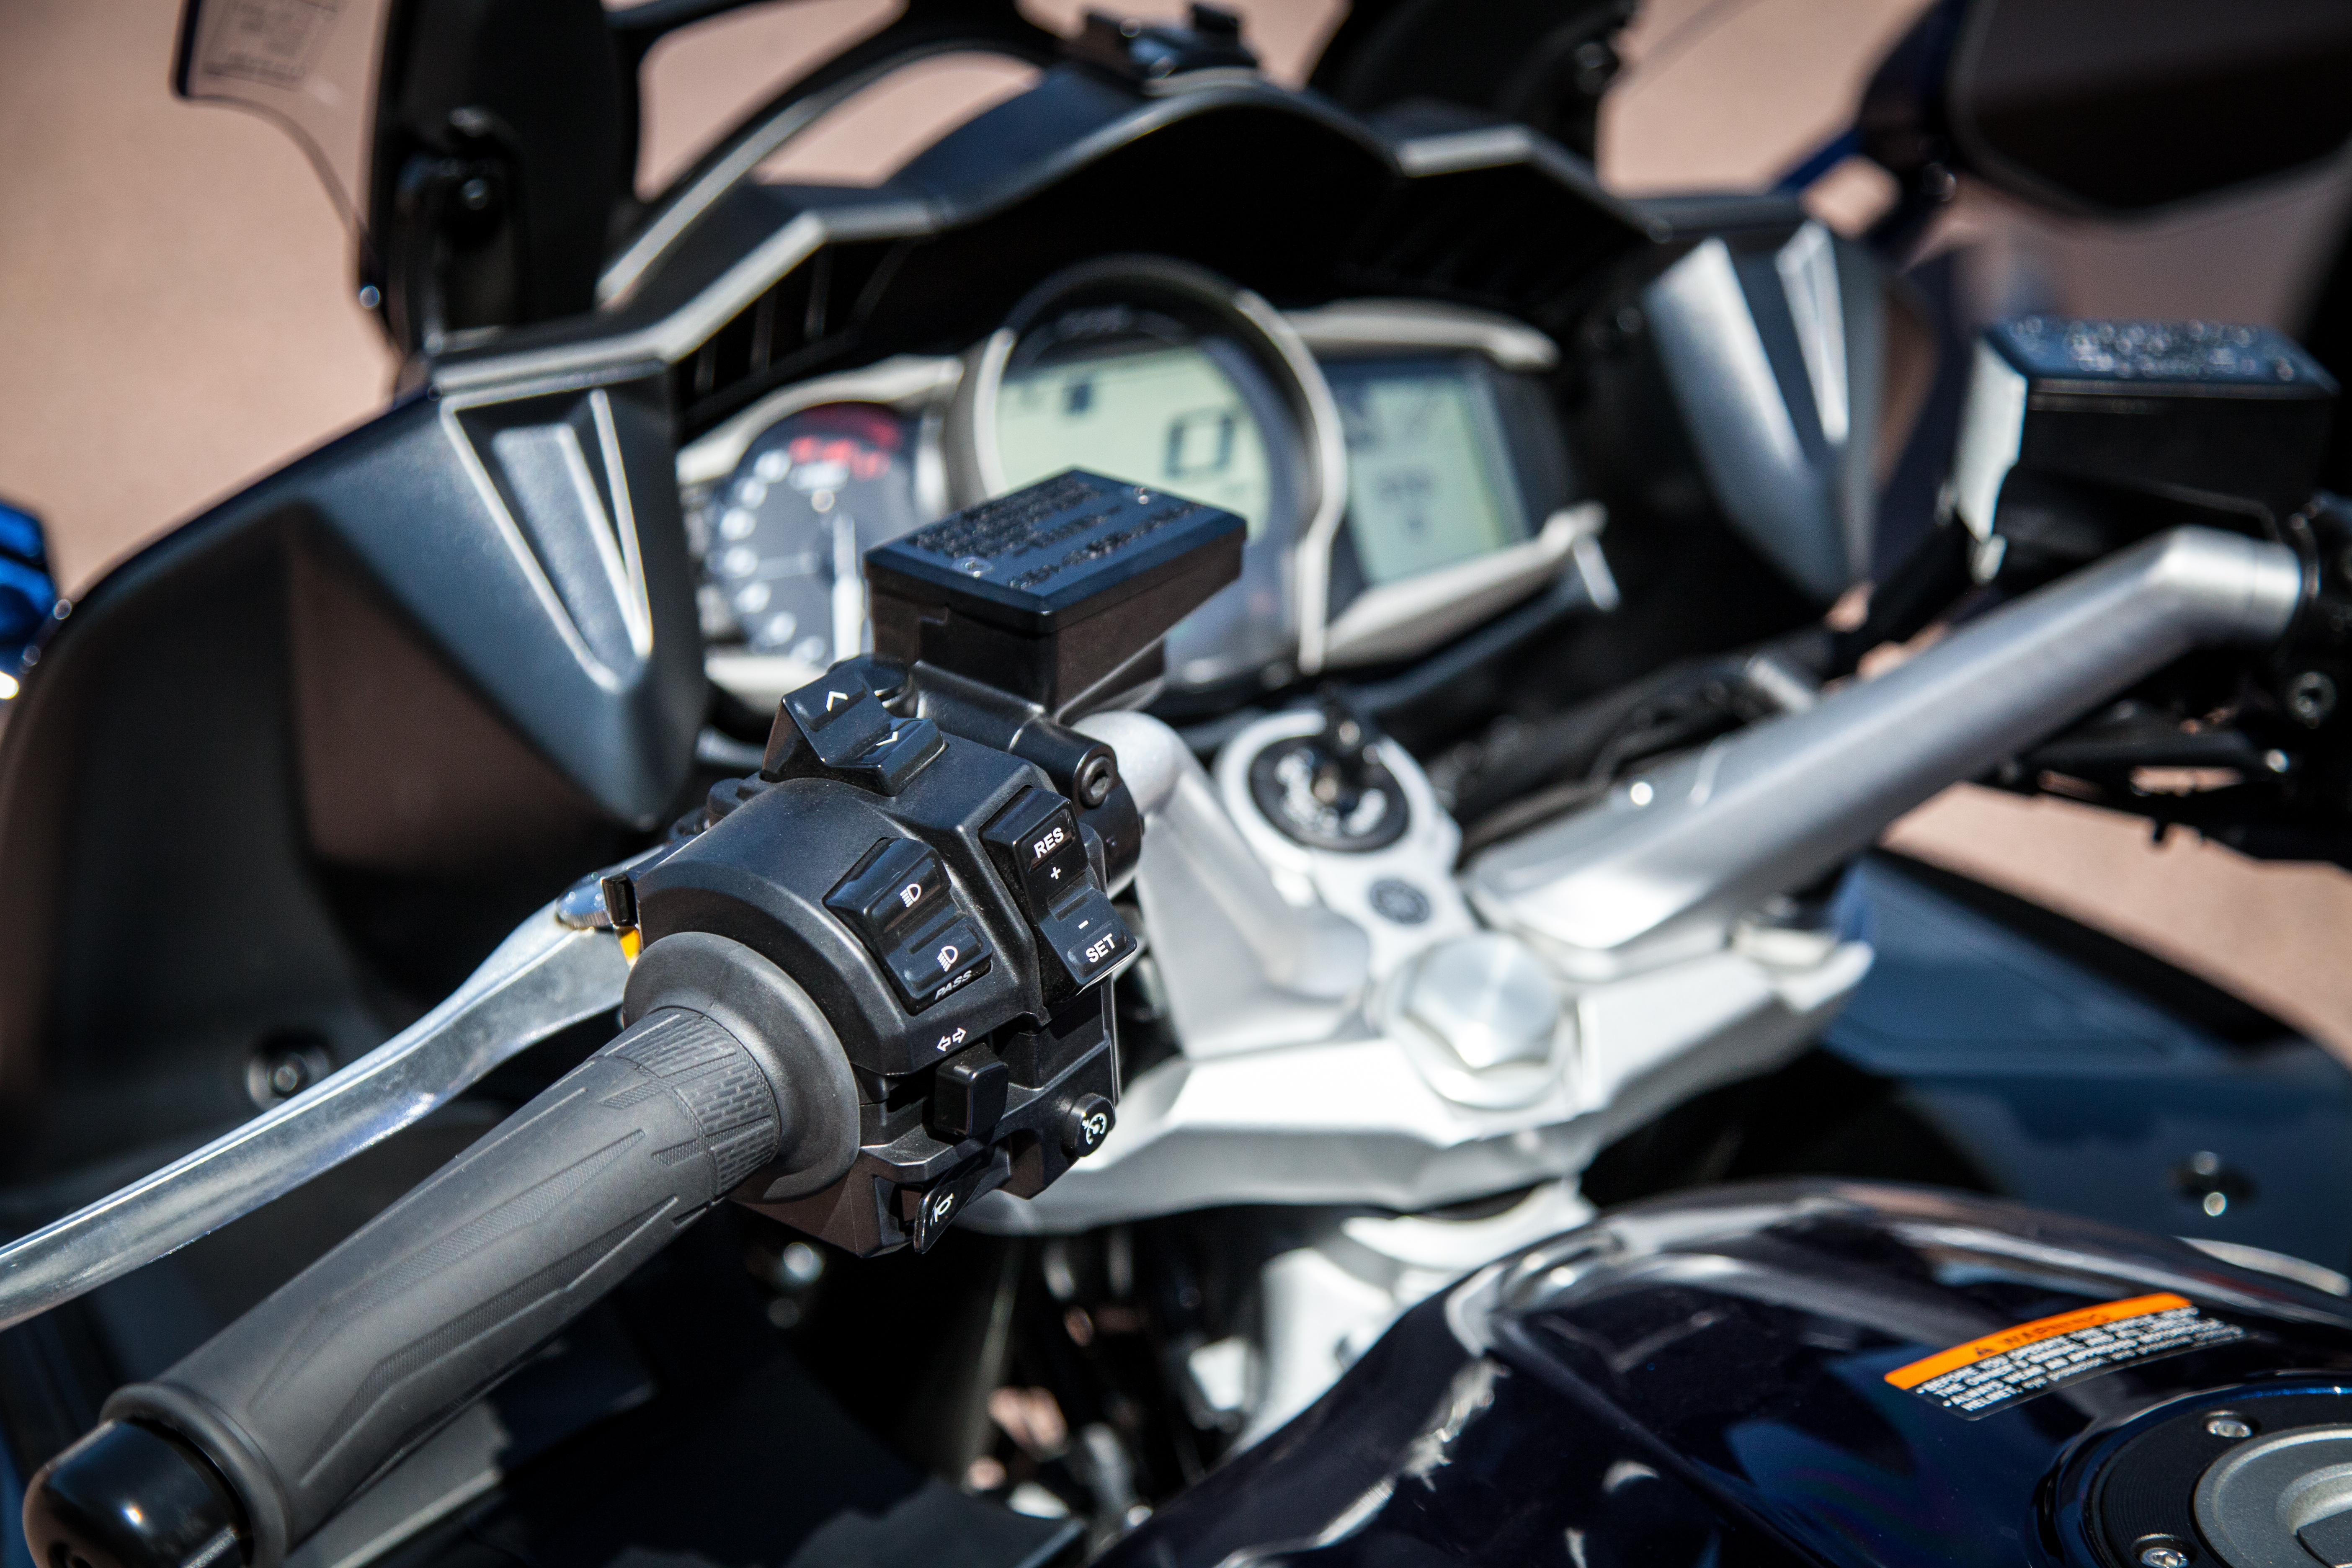 _MG_0196 2016 yamaha fjr1300 first ride review 2014 Yamaha FJR1300 at n-0.co